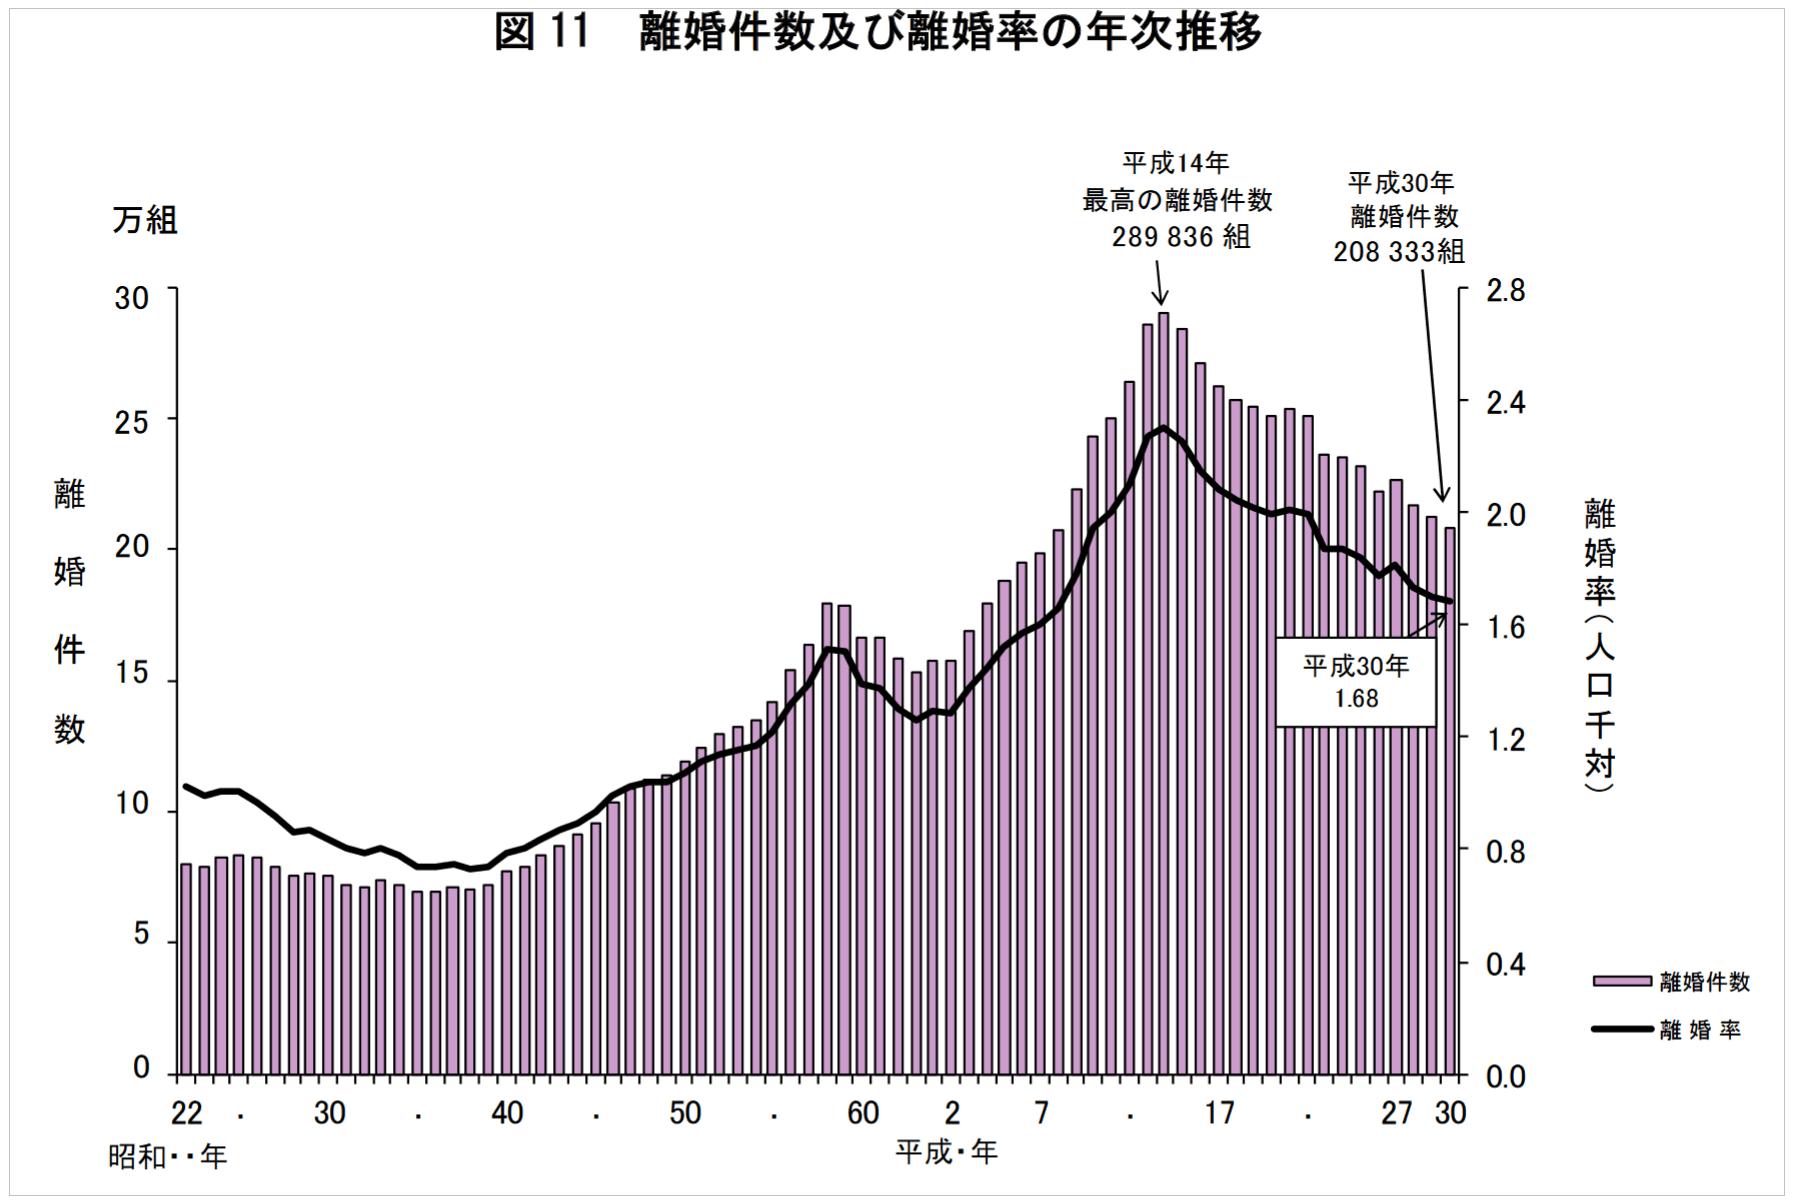 日本の離婚率(2019)